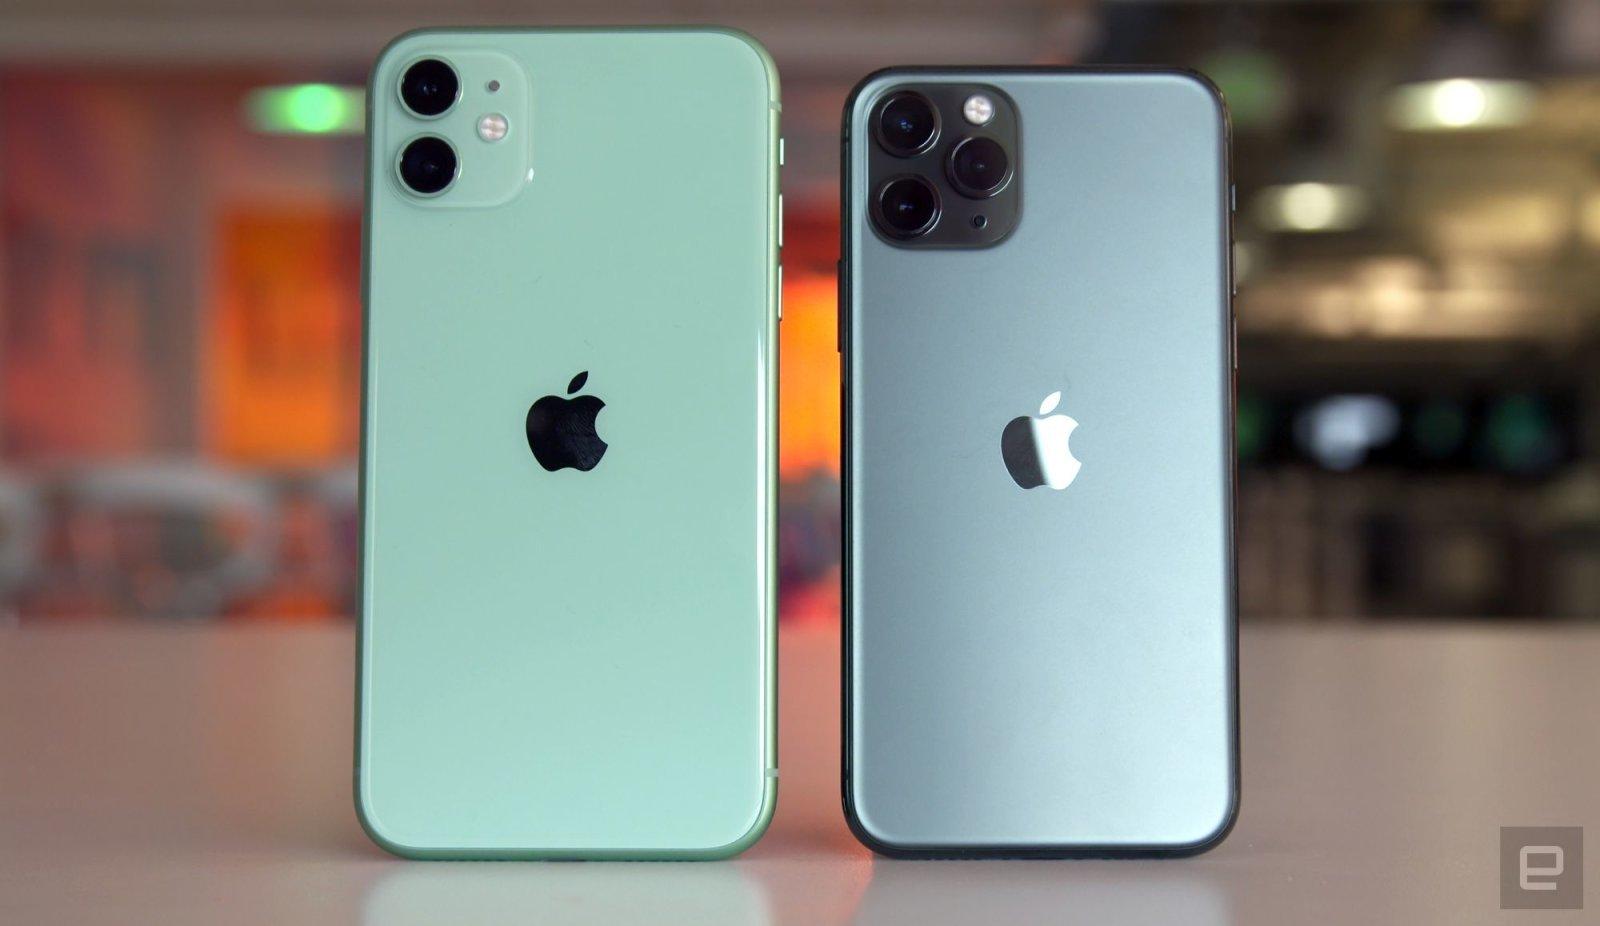 جدیدترین خرید اپل چه سودی برای این شرکت دارد؟